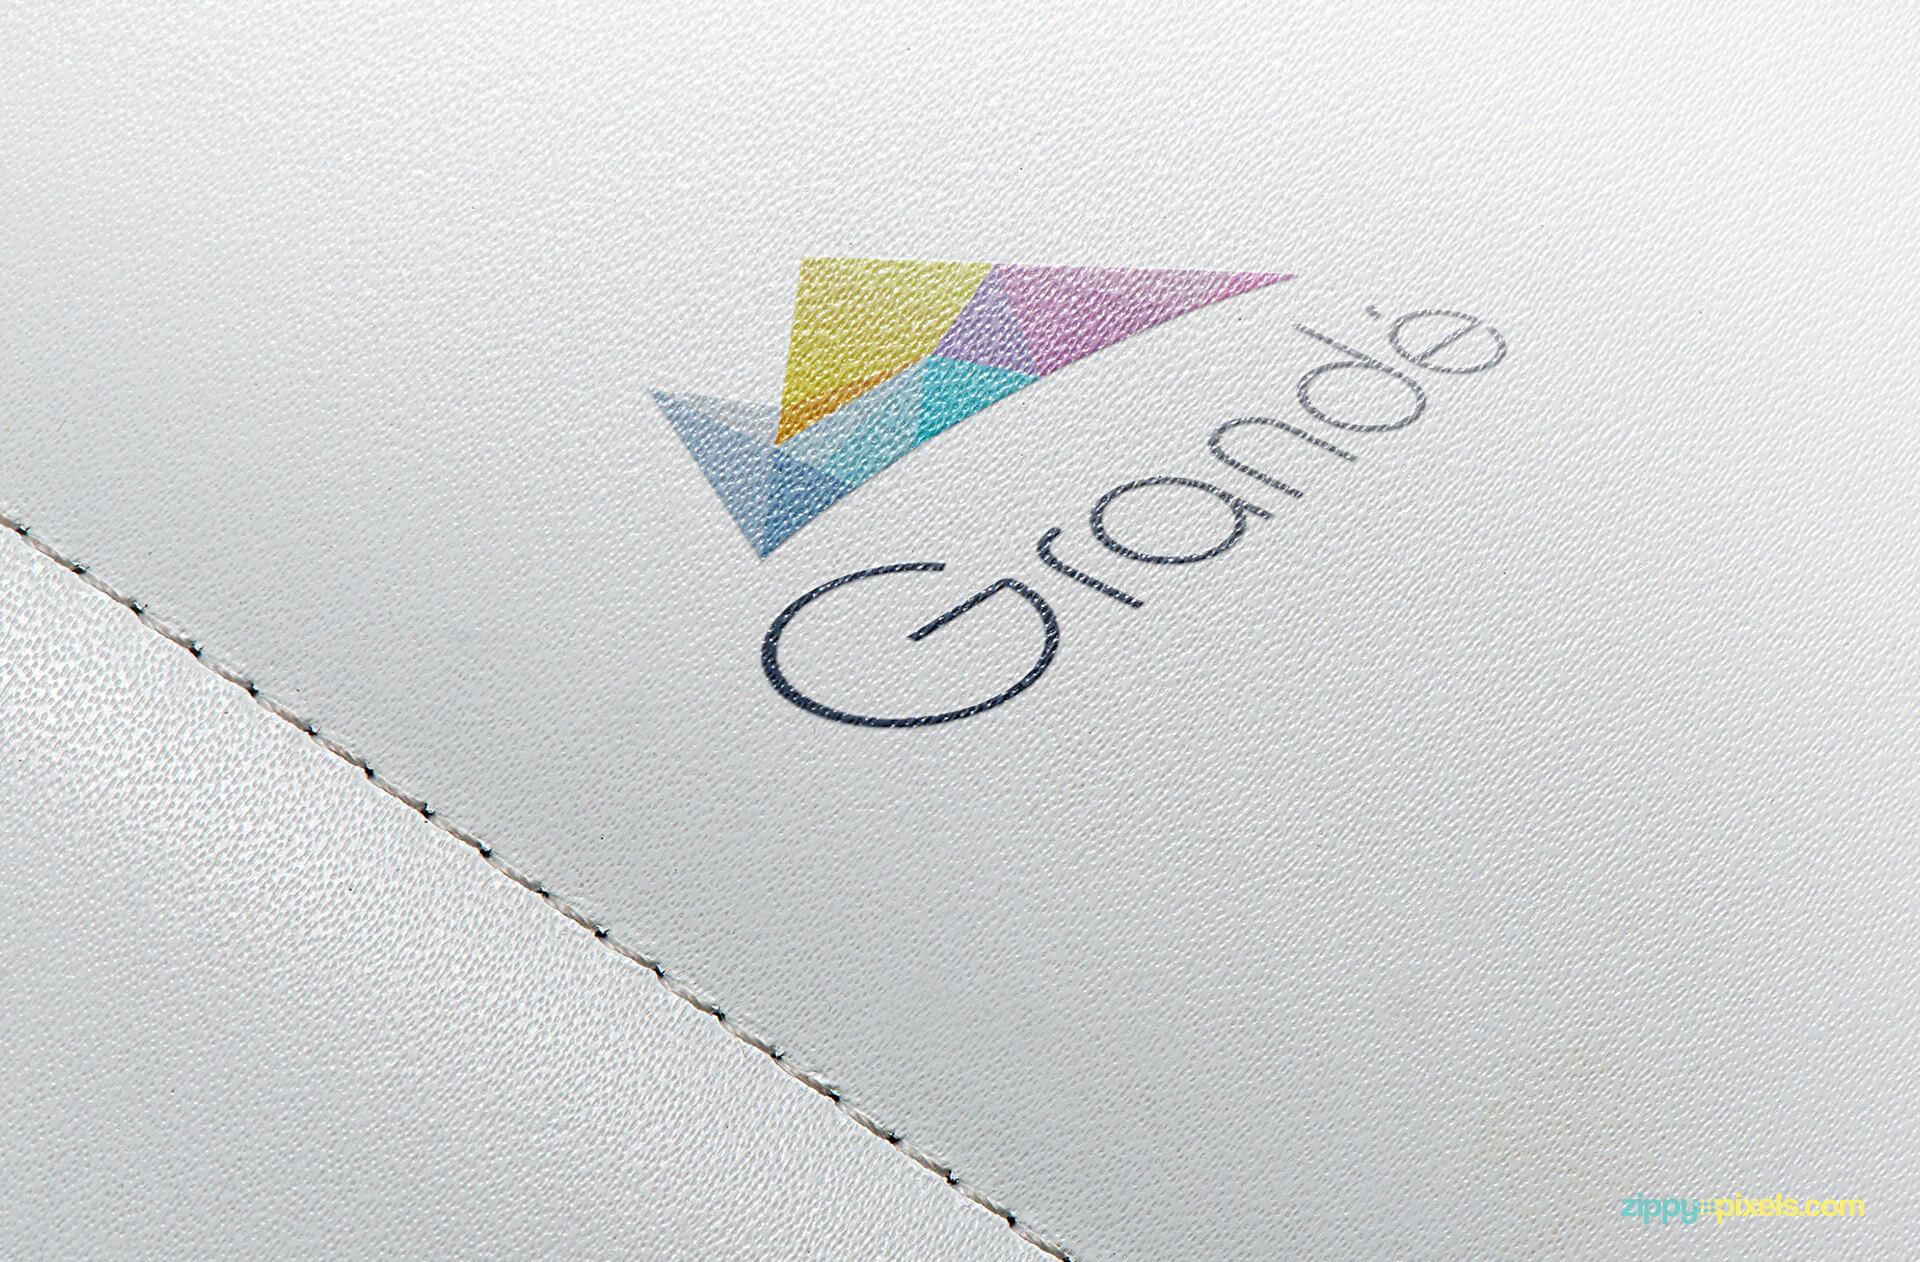 Logo Mockup of printed logo on white leather